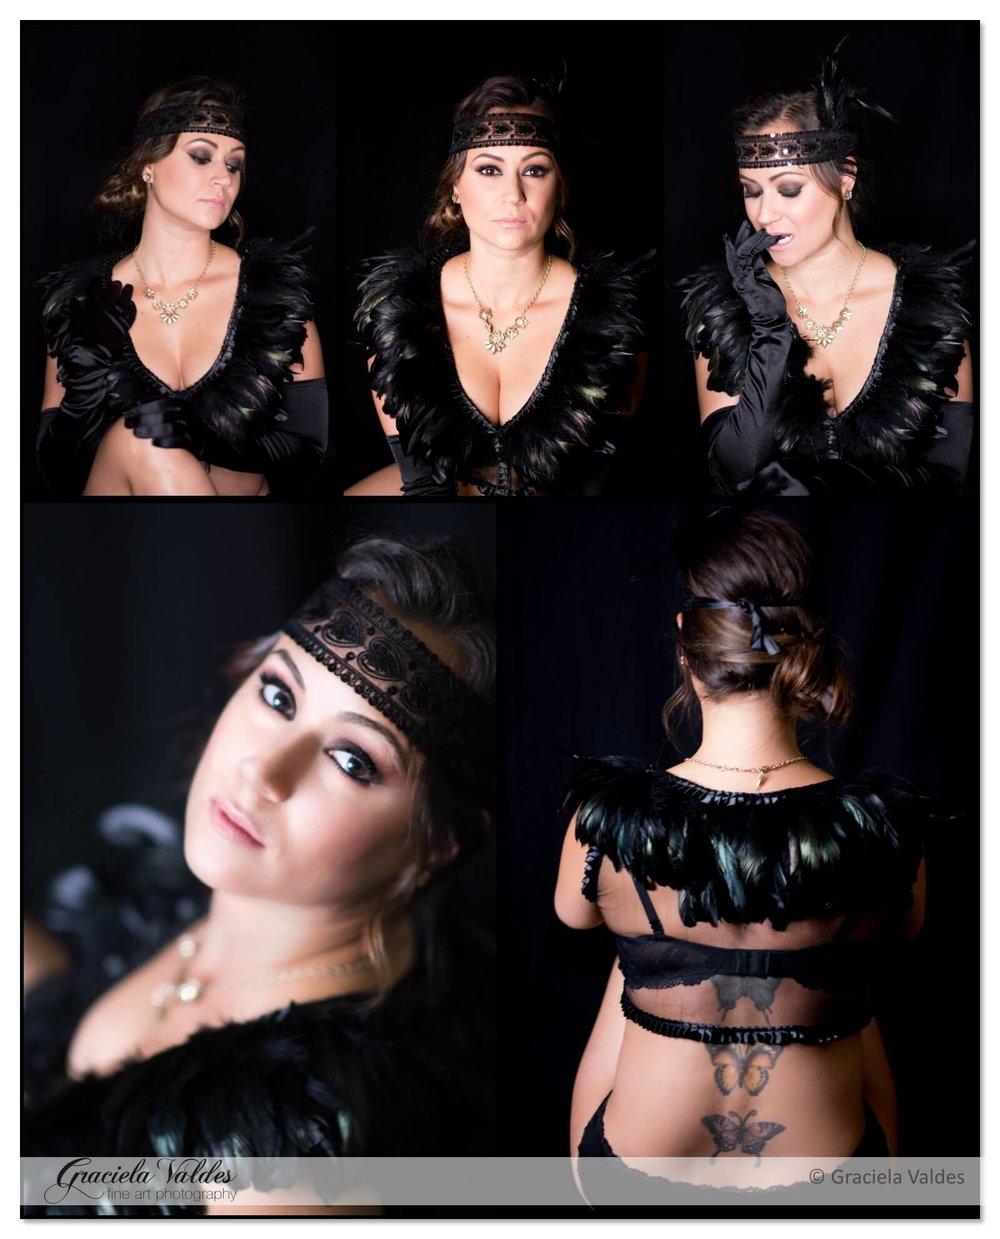 Ladies Boudoir by Graciela Valdes1.jpg